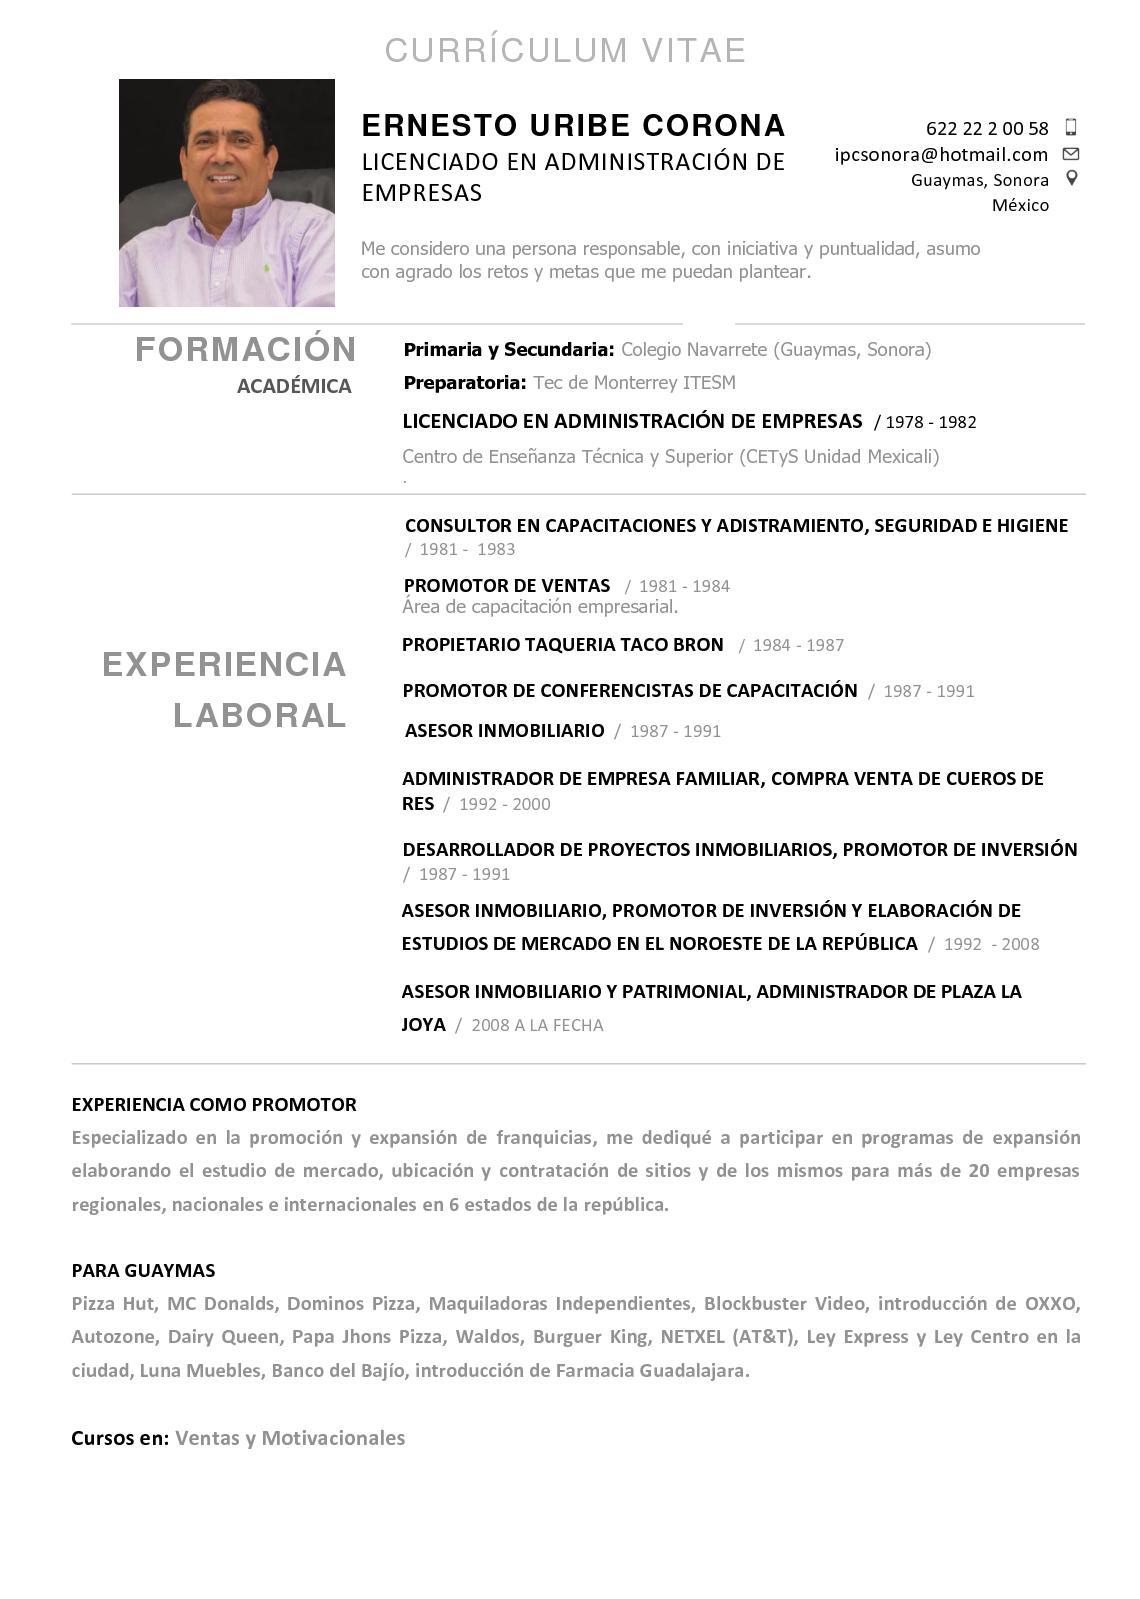 Calaméo - Cv Ernesto Uribe